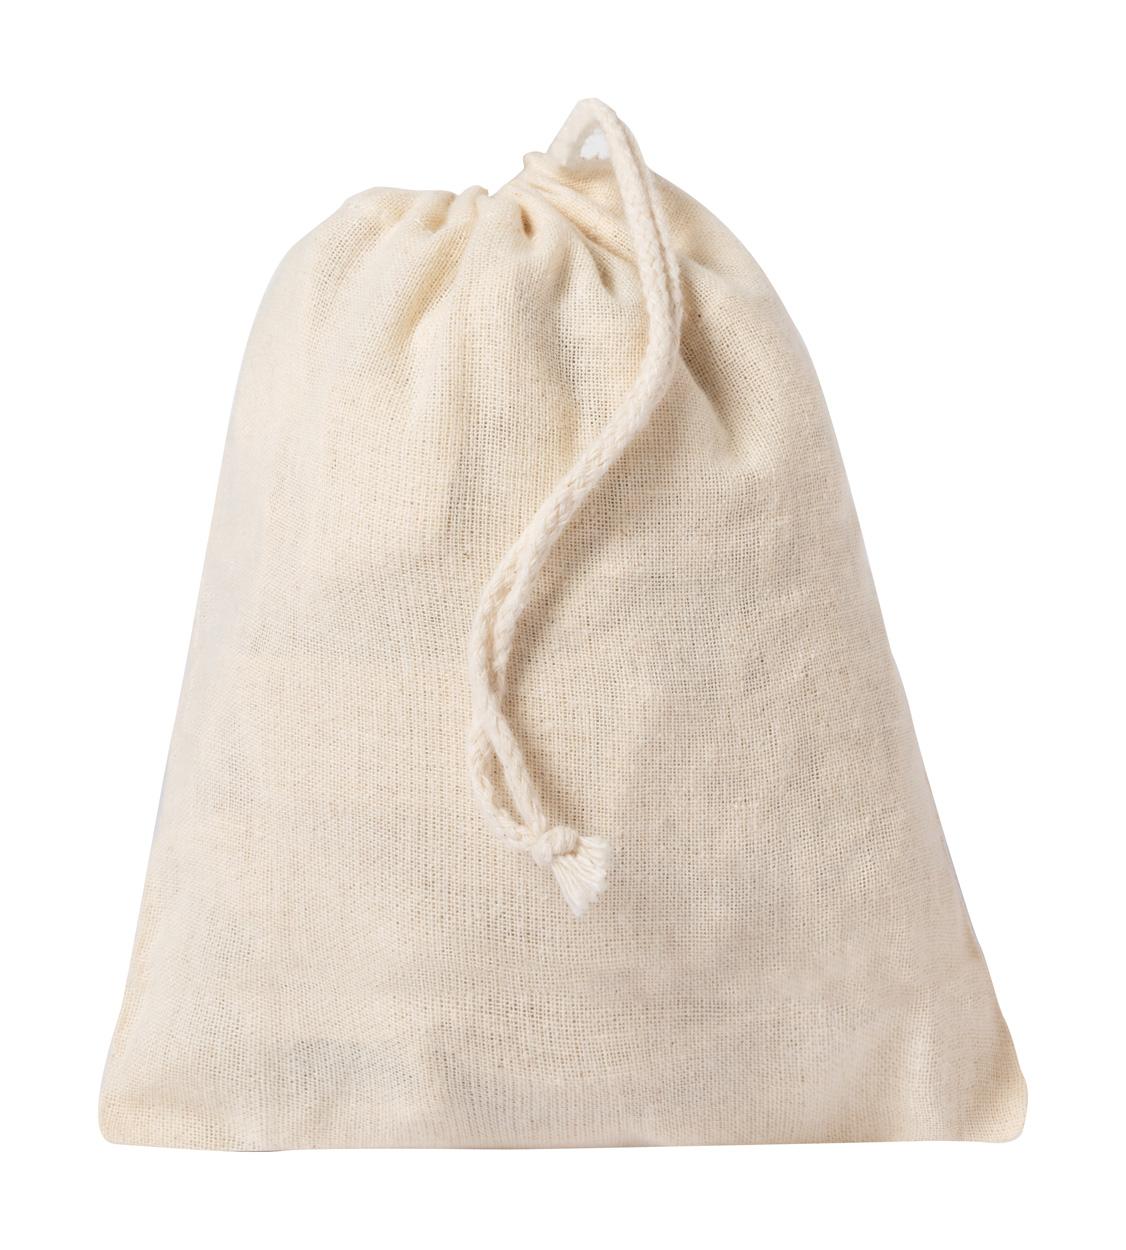 Nacry foldable shopping bag